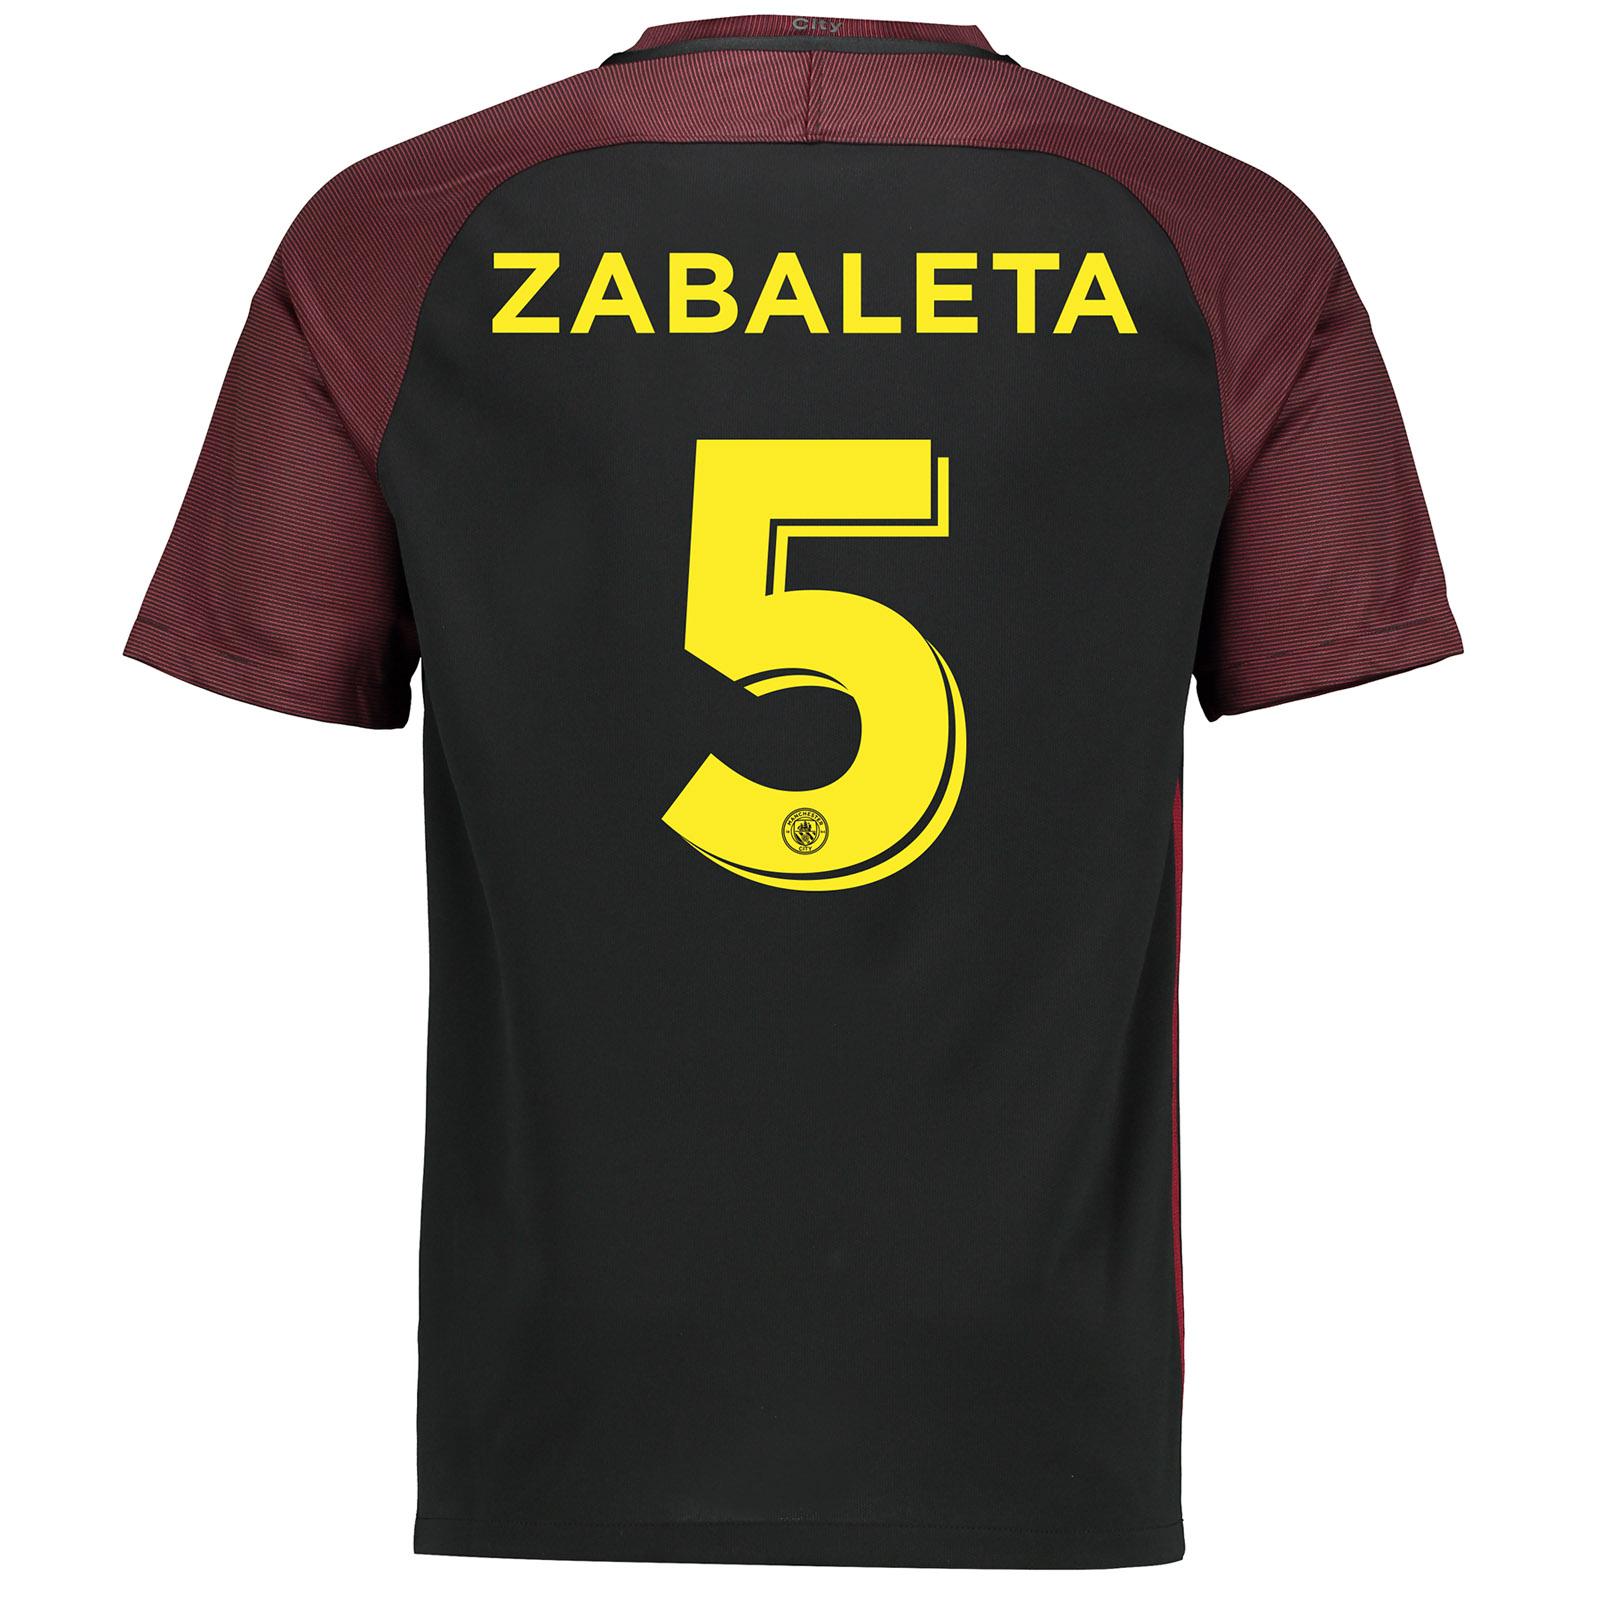 Manchester City Away Cup Stadium Shirt 2016-17 with Zabaleta 5 printin